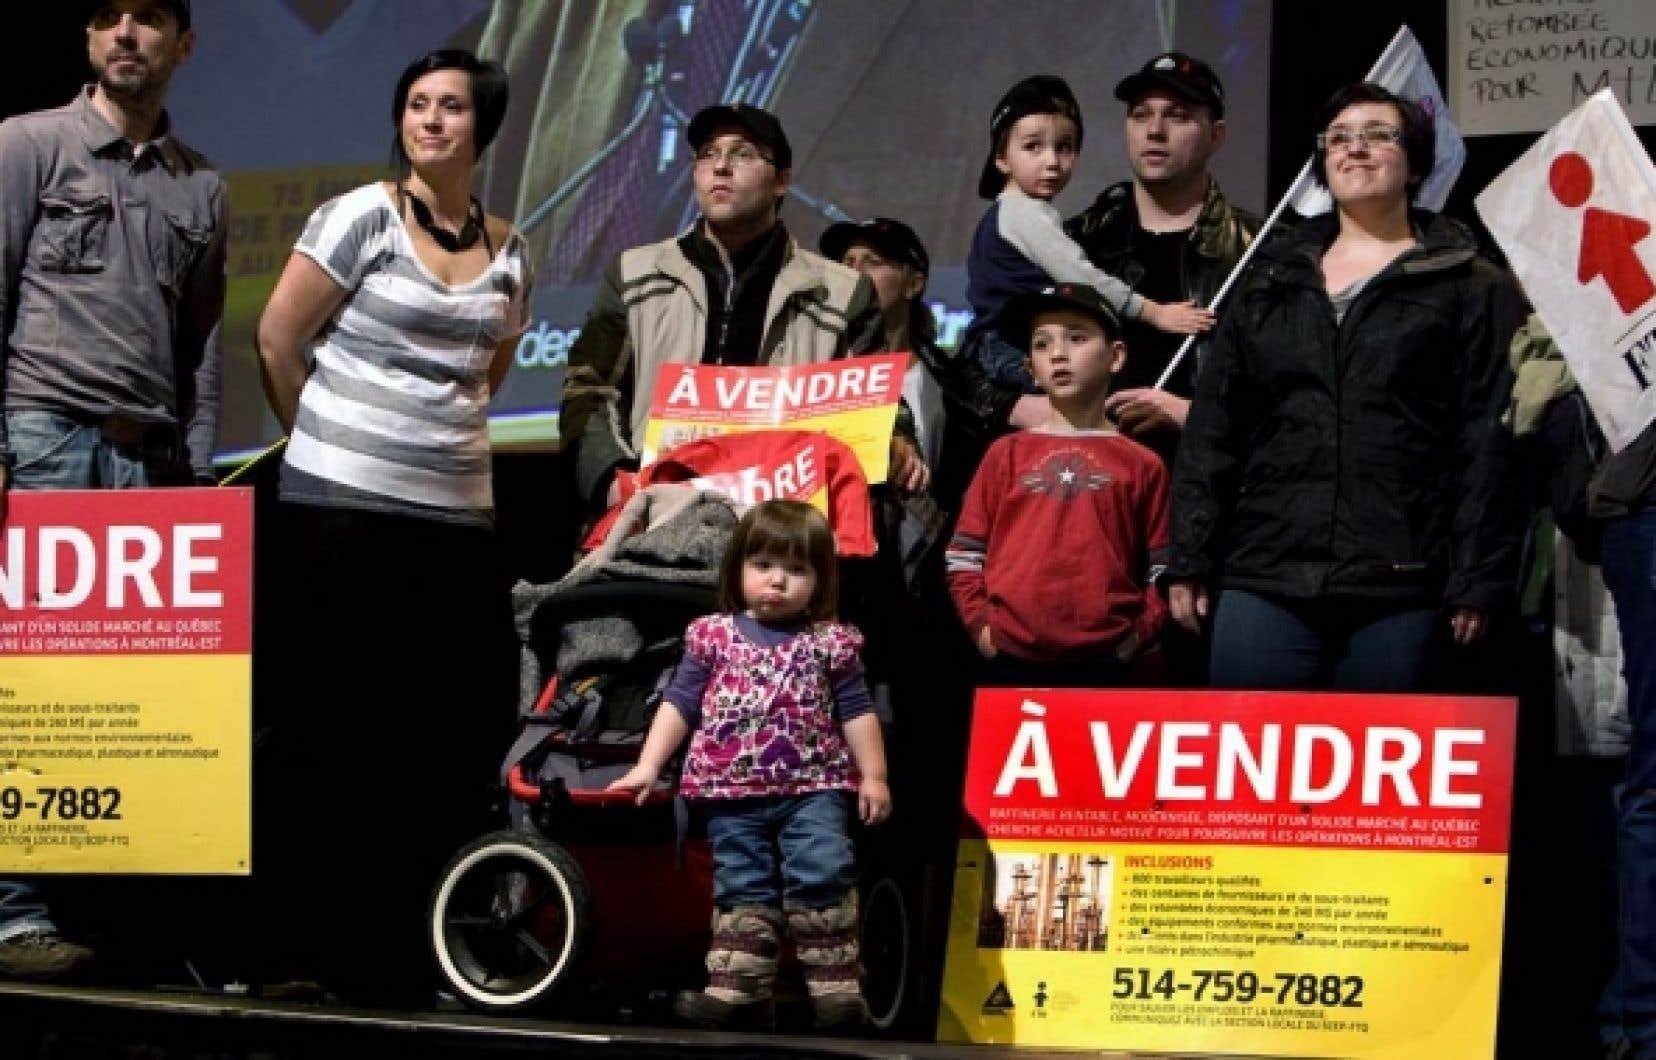 Les travailleurs soutiennent que Shell refuse de verser immédiatement des indemnités de départ aux employés licenciés de la raffinerie de Montréal-Est. <br />